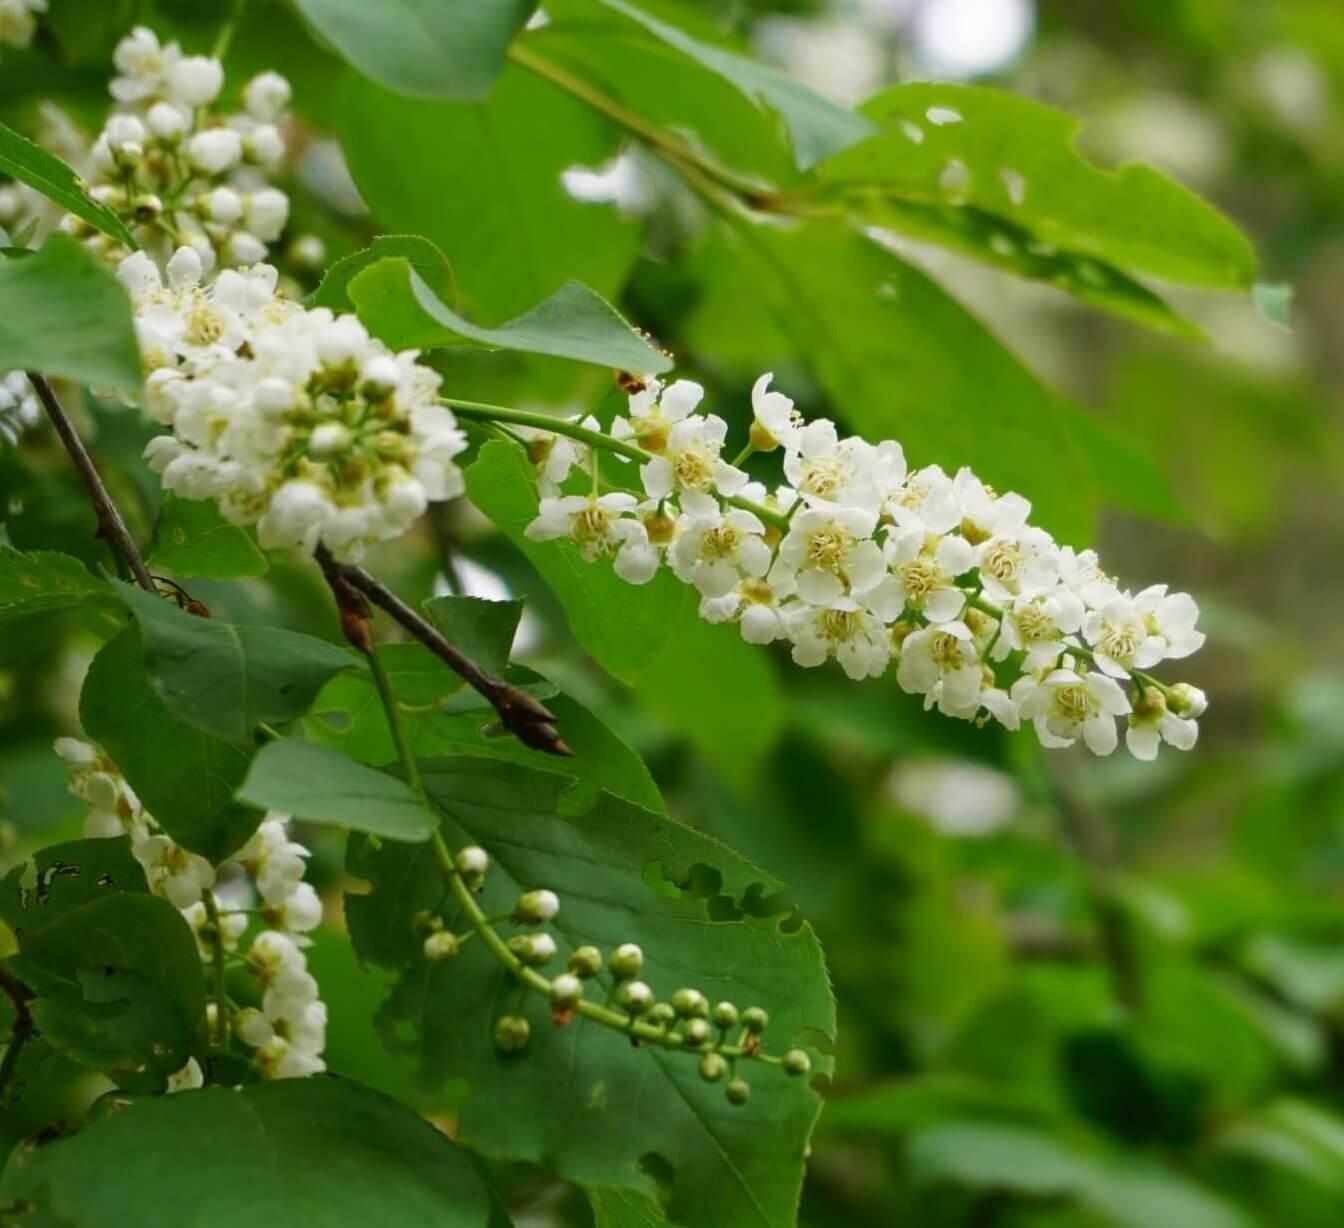 Das Bild zeigt die zylindrische Blütentraube der Gewöhnlichen Traubenkirsche. Sie besteht aus 20 - 40 umlaufend stehenden Einzelblüten mit weißen Kronblättern.